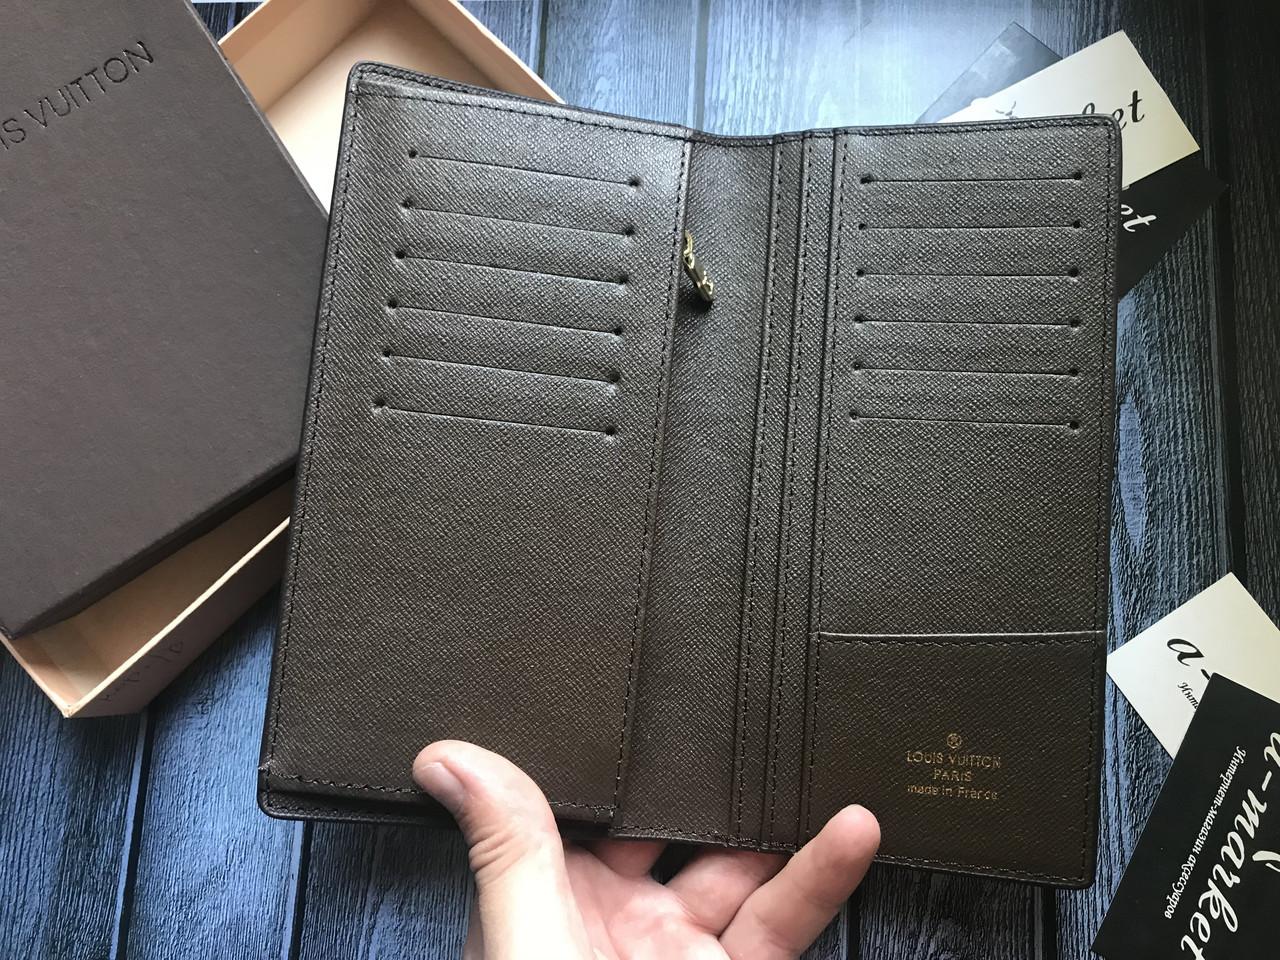 12659ba745d8 ... Органайзер кошелек клатч портмоне бумажник коричневый мужской женский  Louis Vuitton премиум реплика, ...